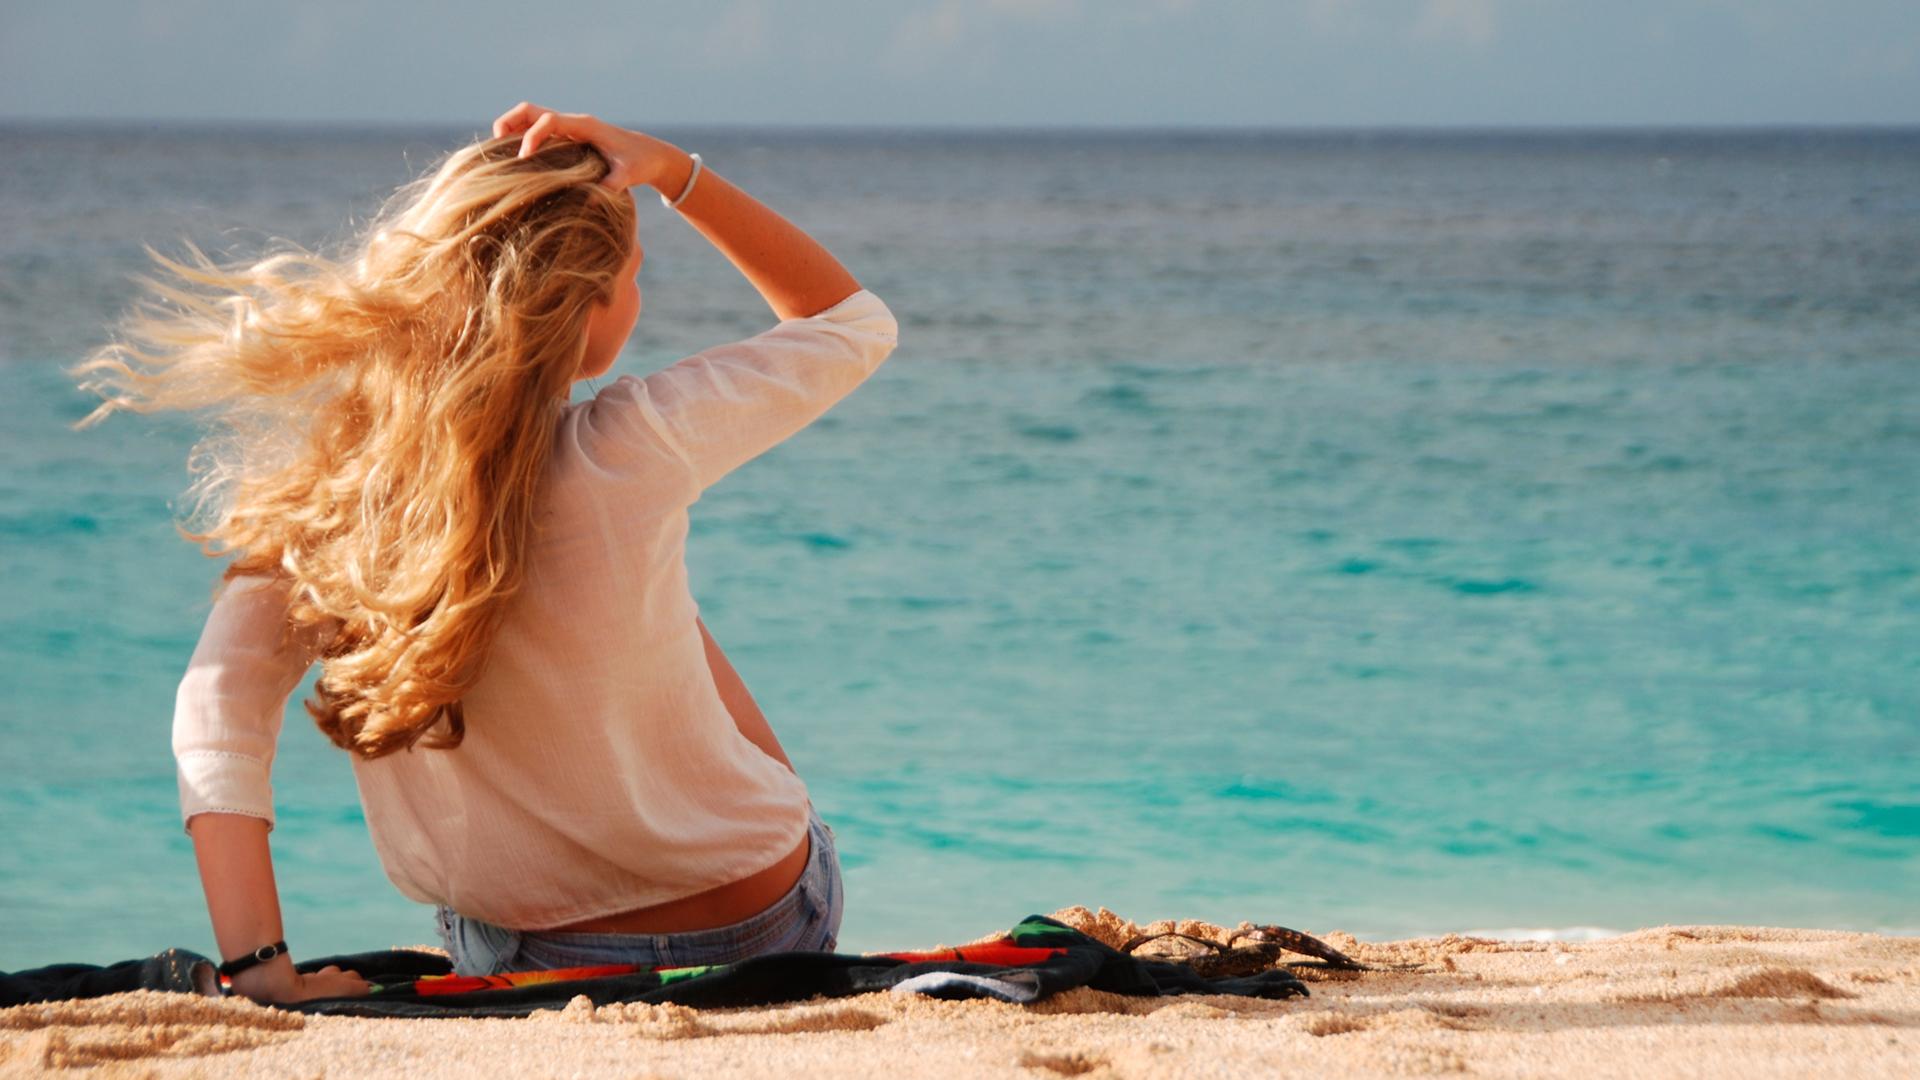 Фото женщин на берегу моря 25 фотография